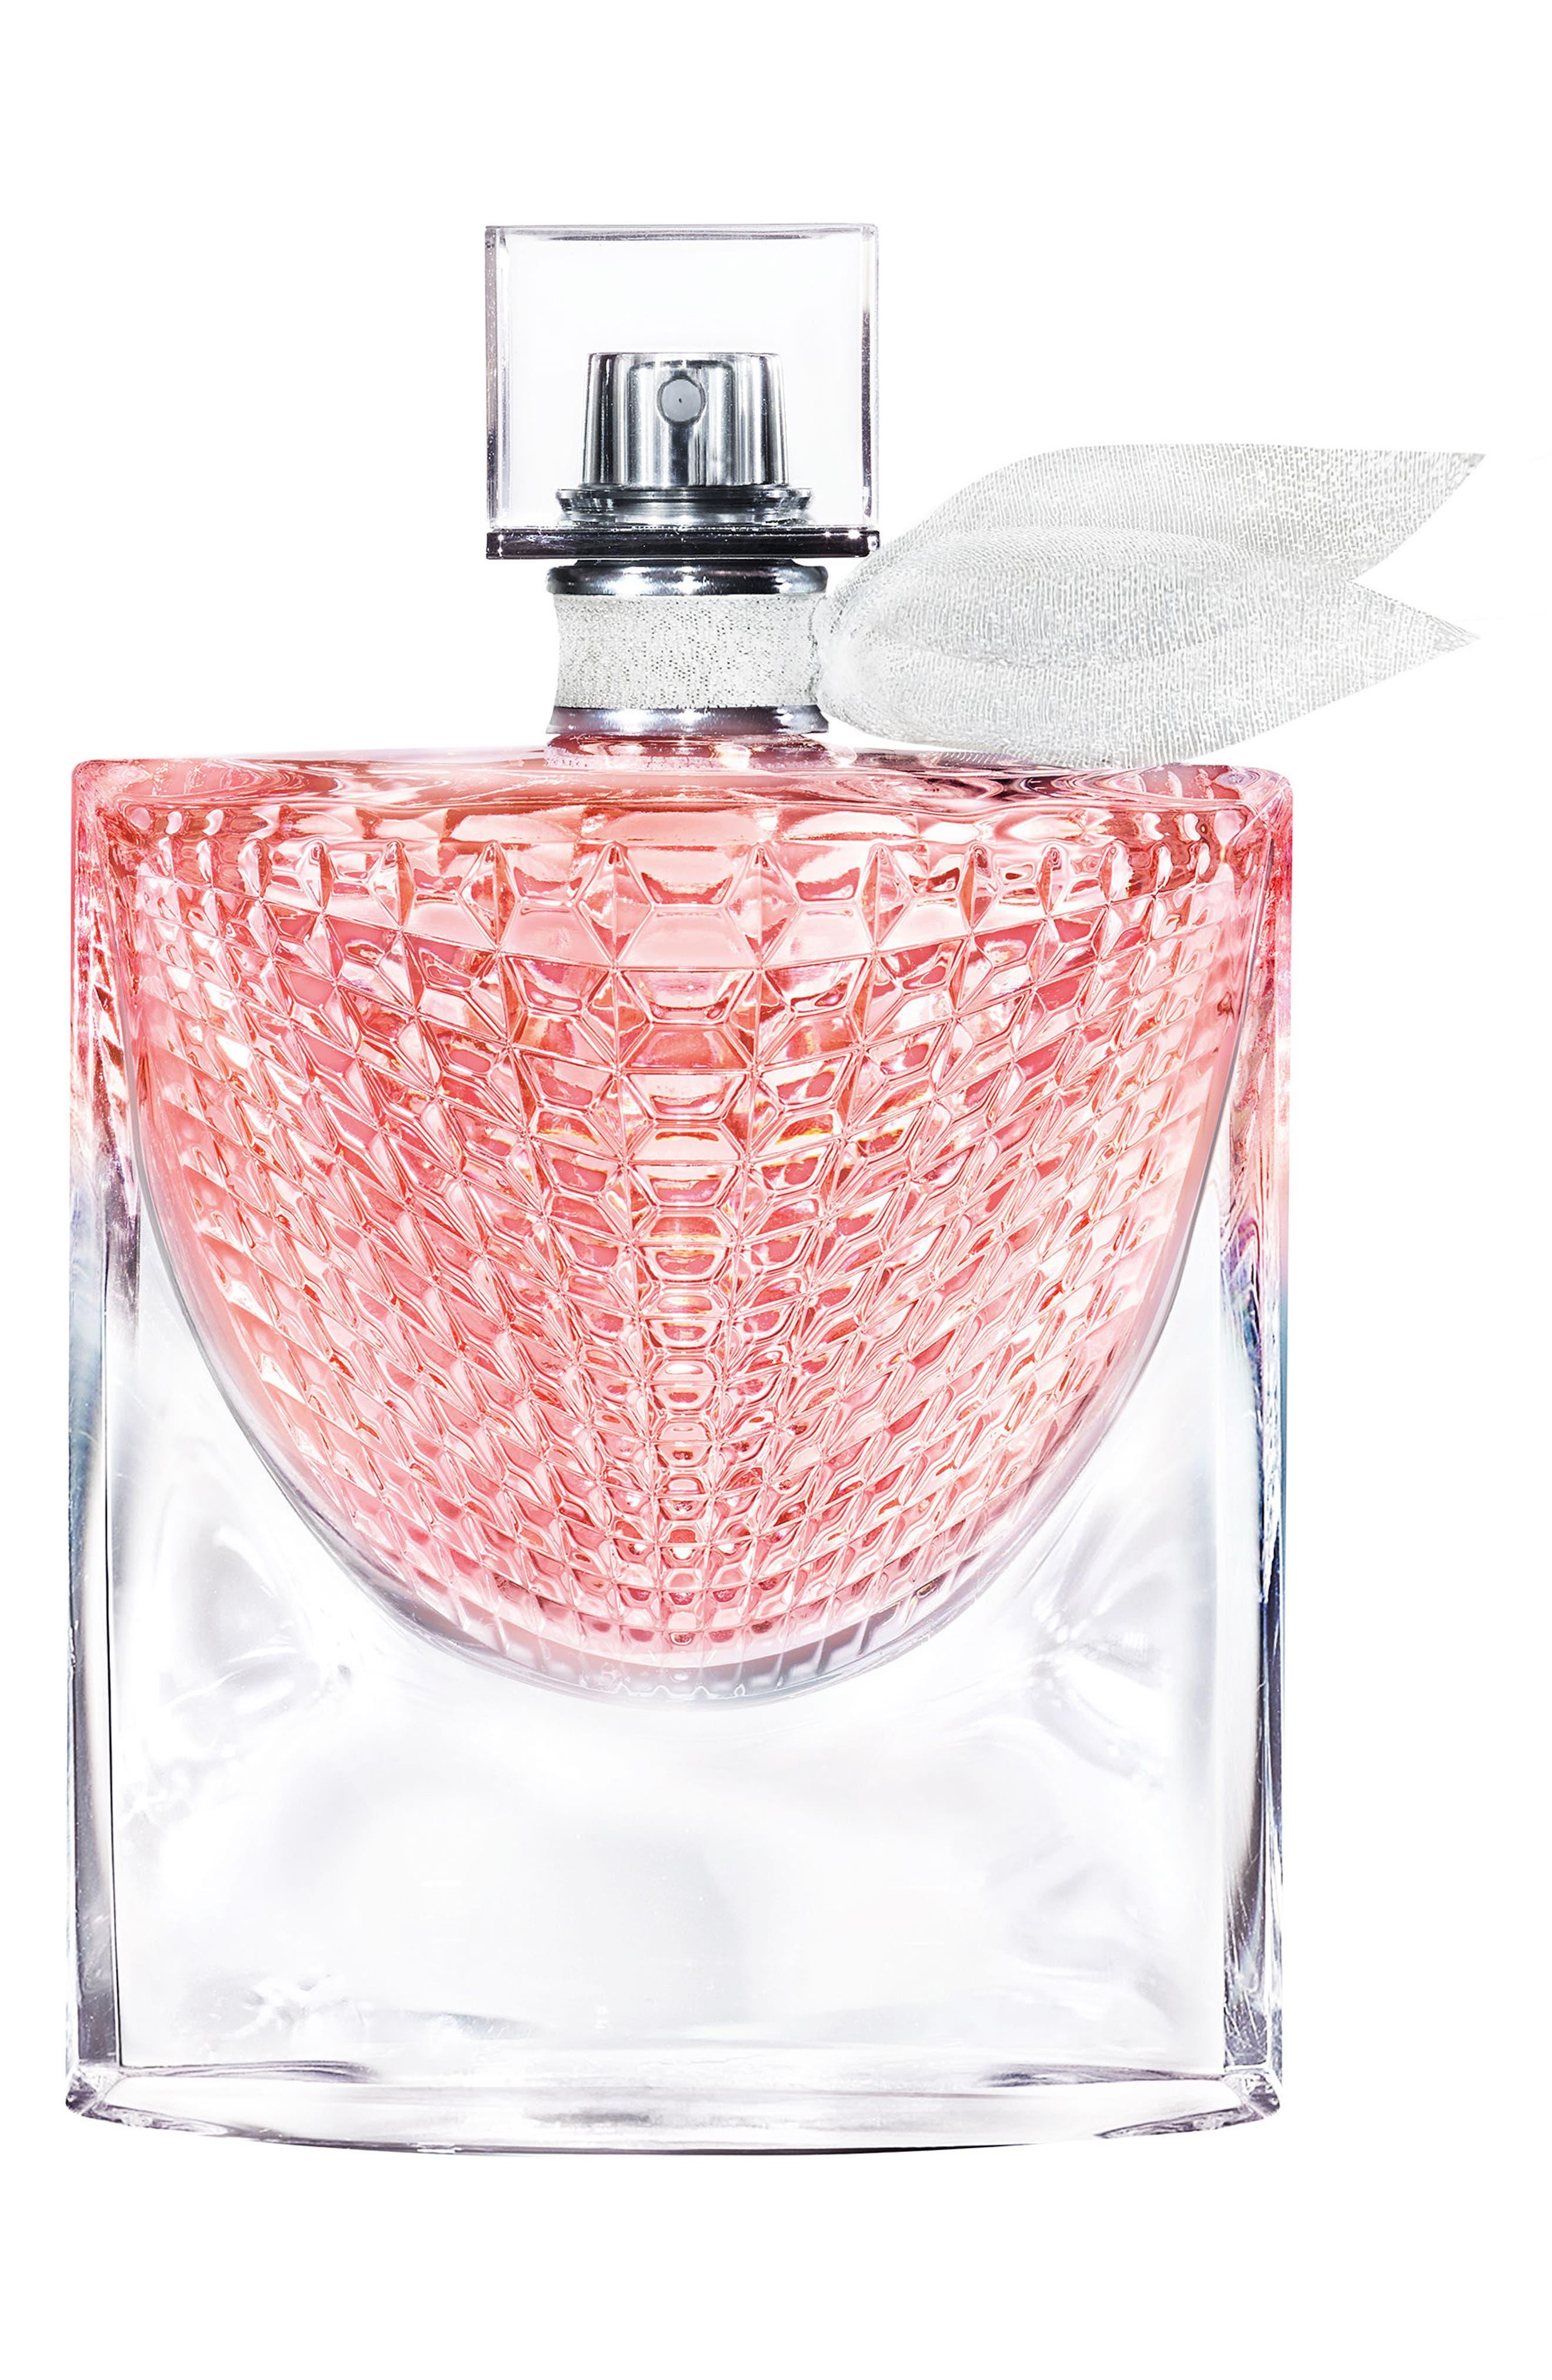 Alternate Image 1 Selected - Lancöme La Vie est Belle L'Eclat Eau de Parfum